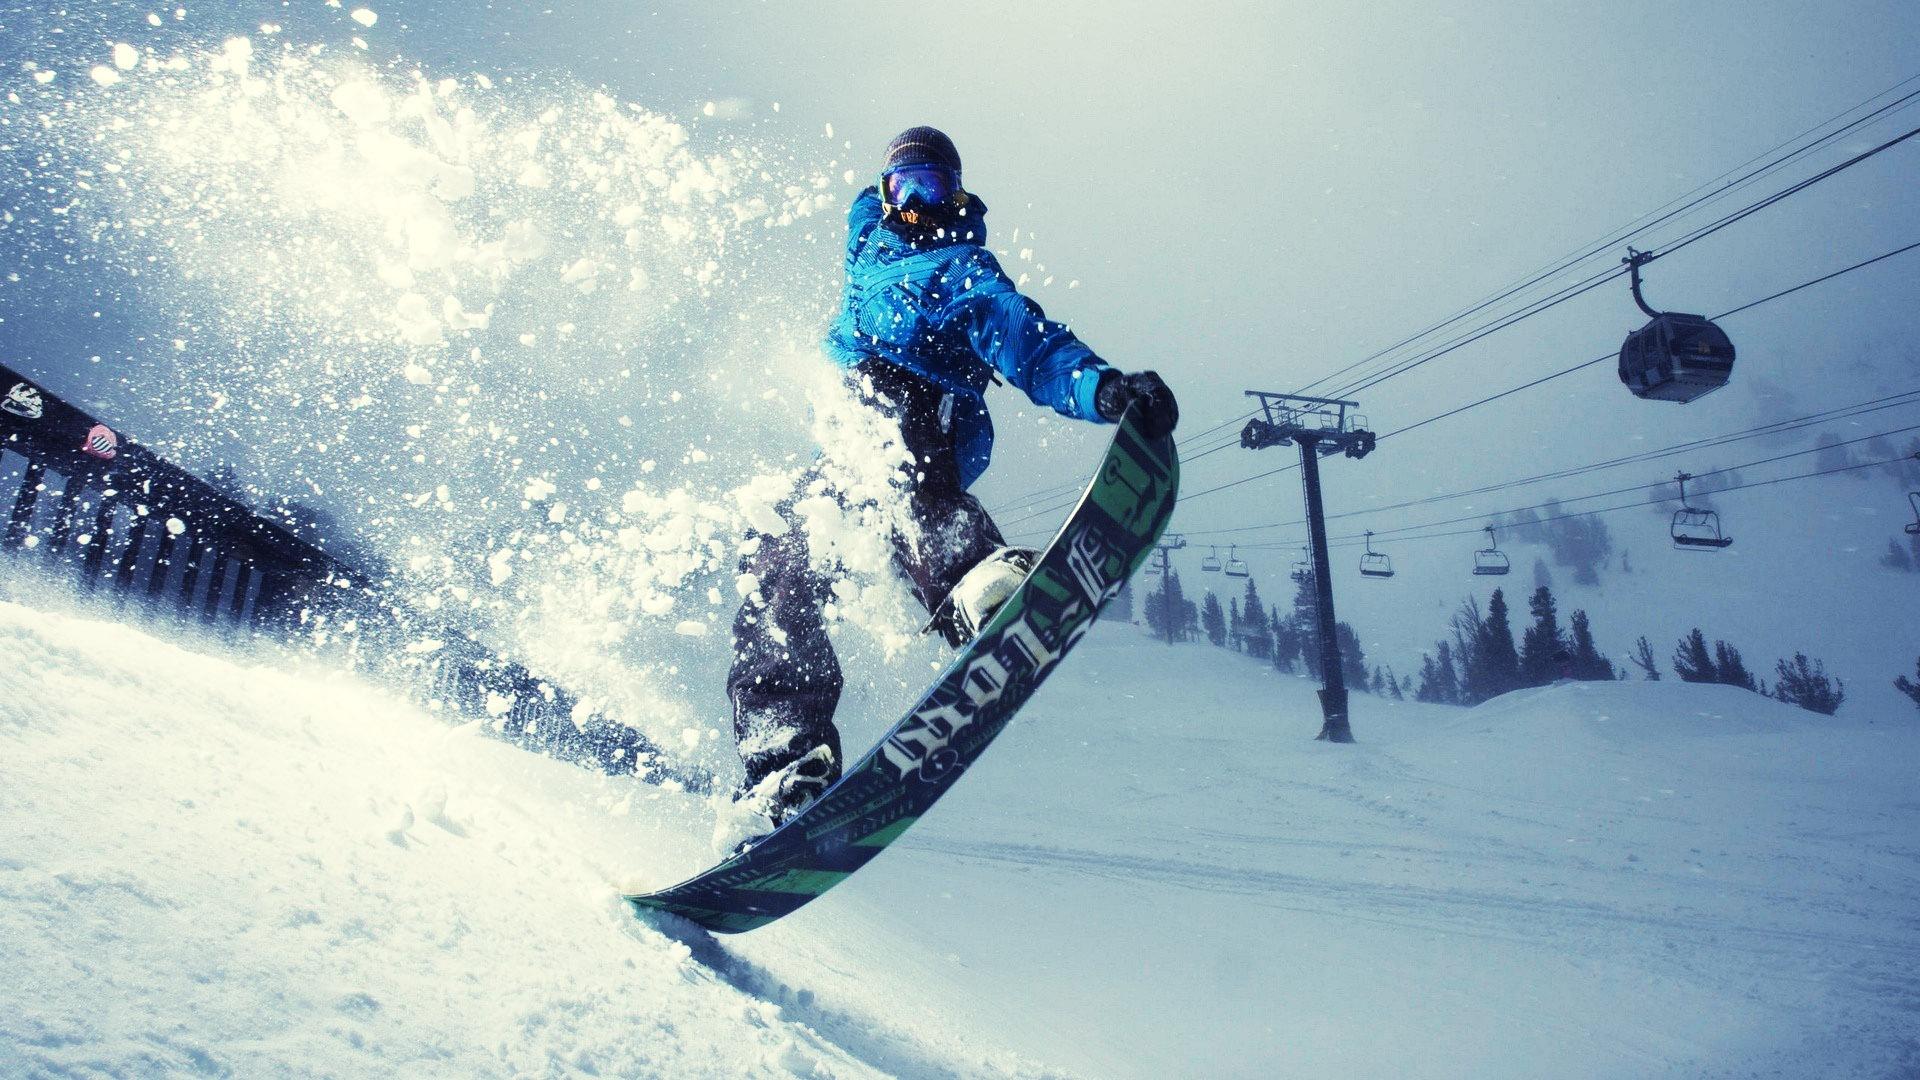 Snowboard Wallpaper Hd 1920x1080